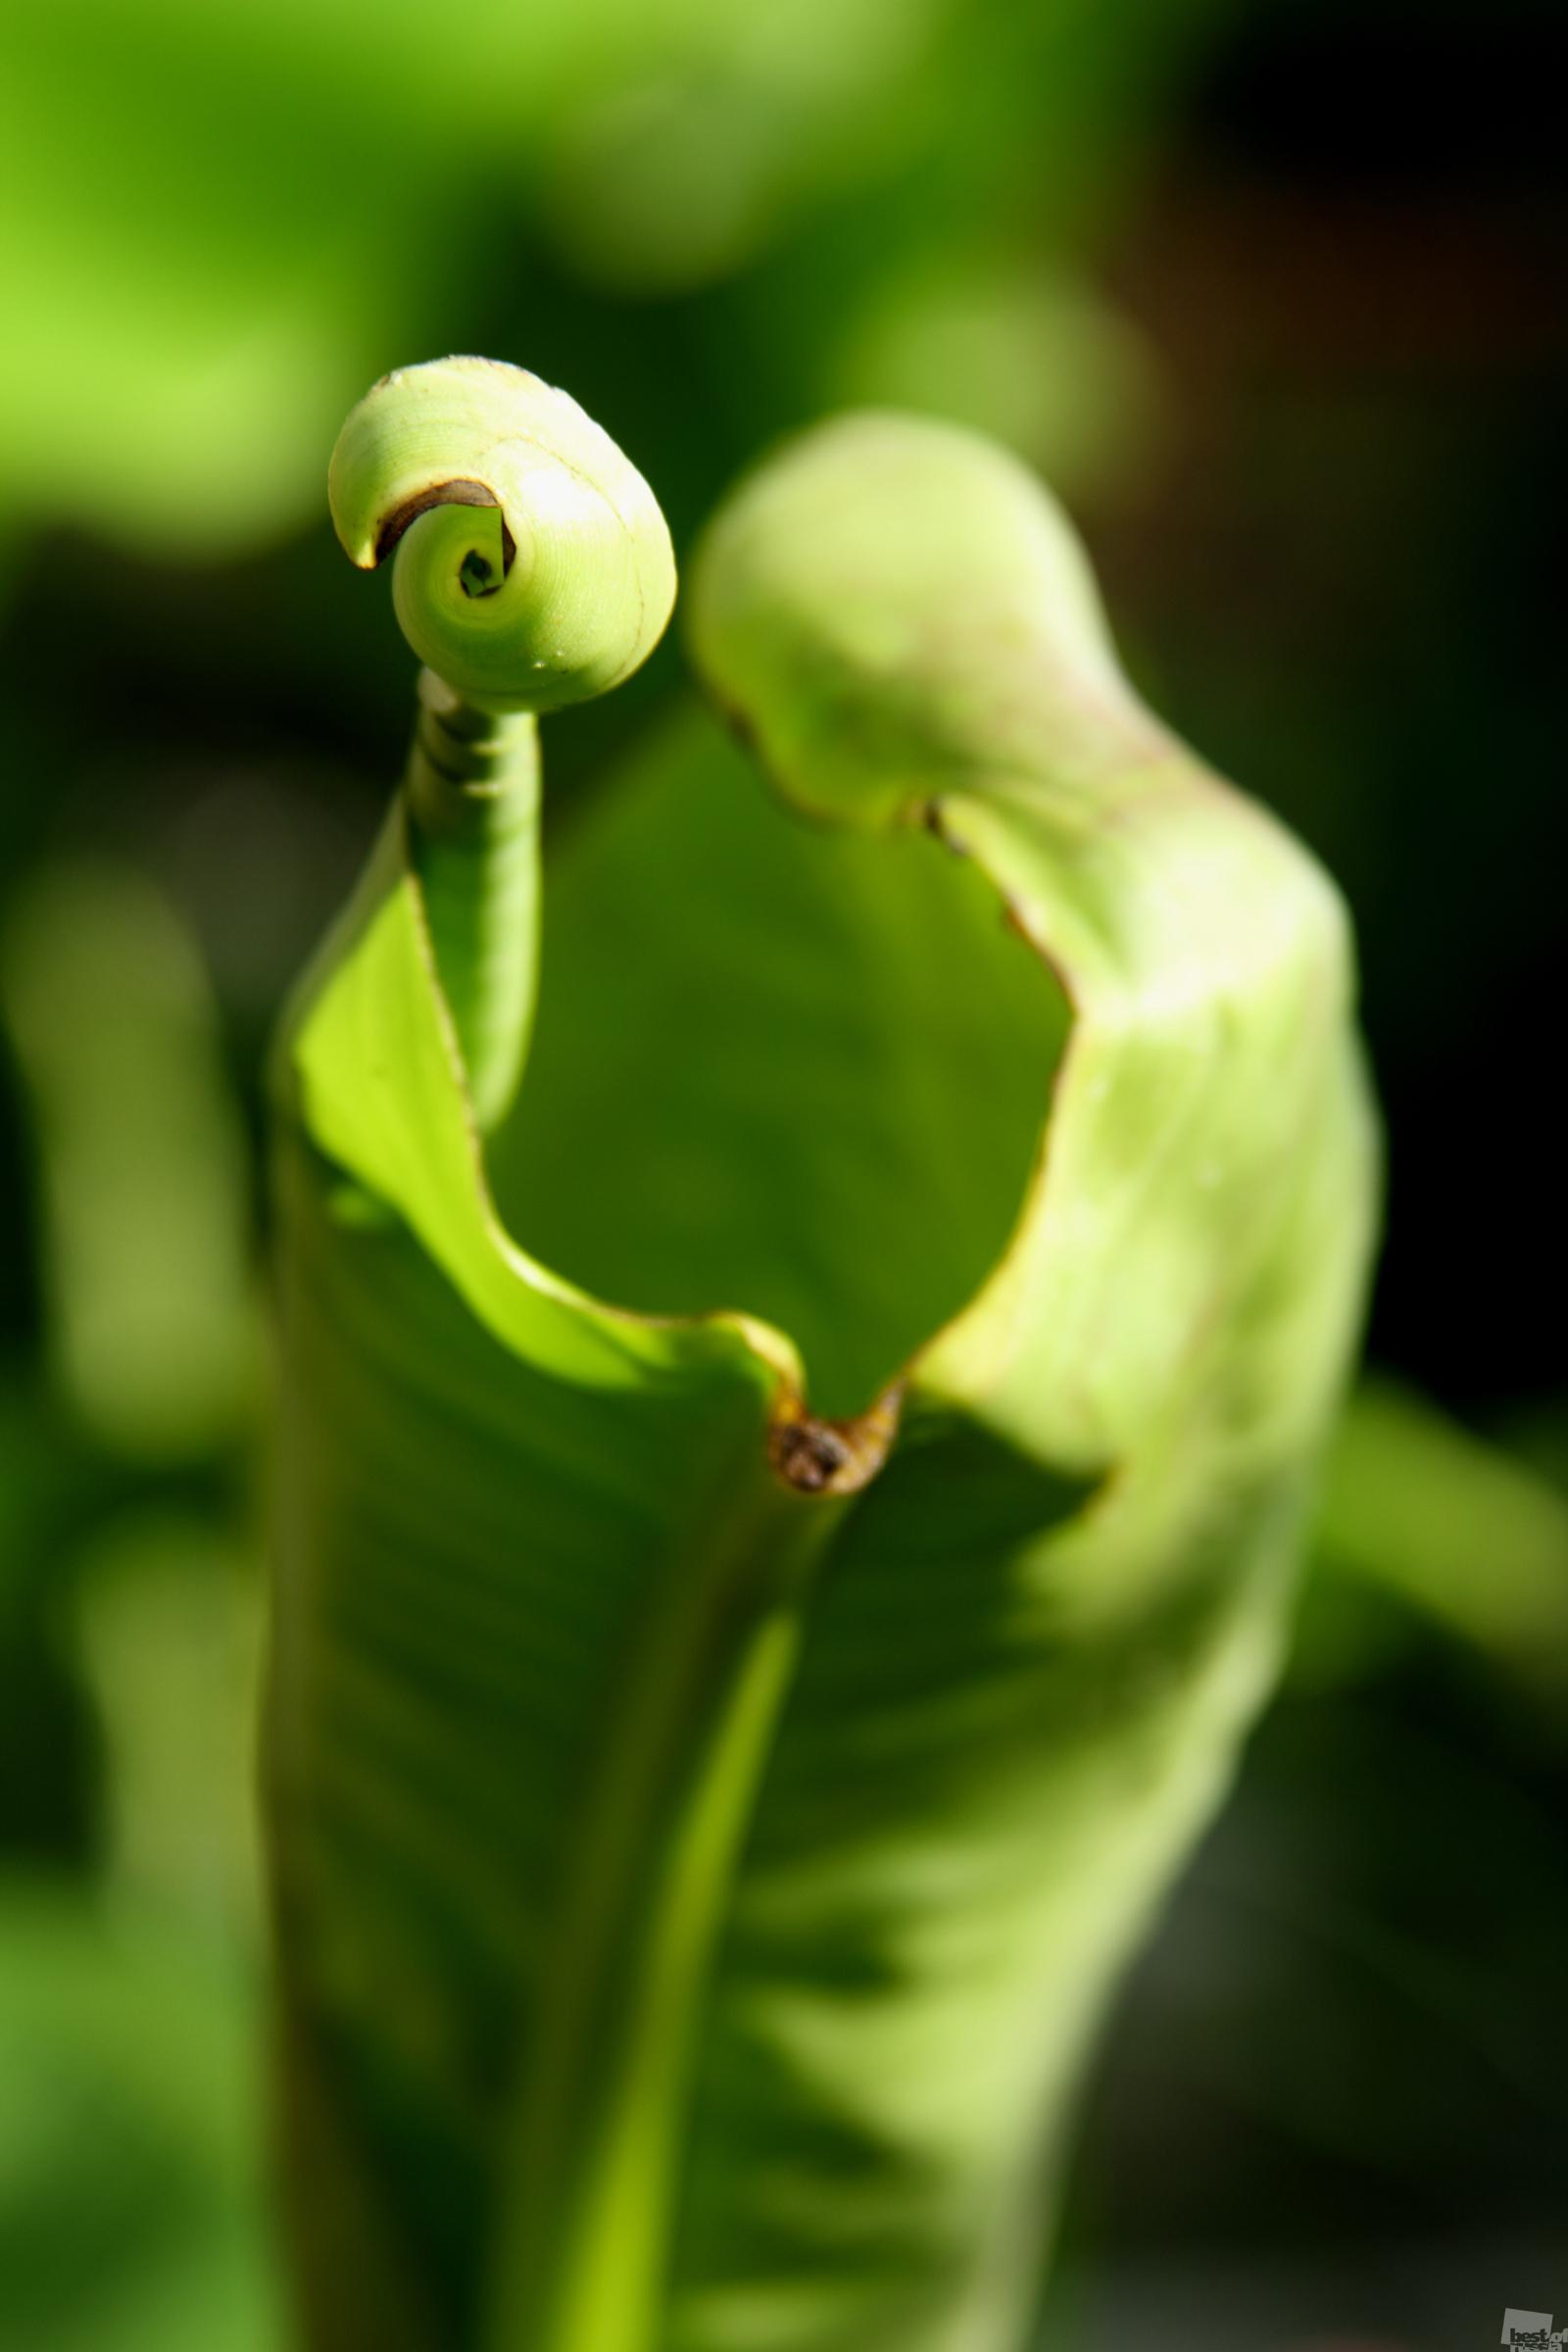 人の形をしたバナナヤシの葉。クラスノダール州、ソチ